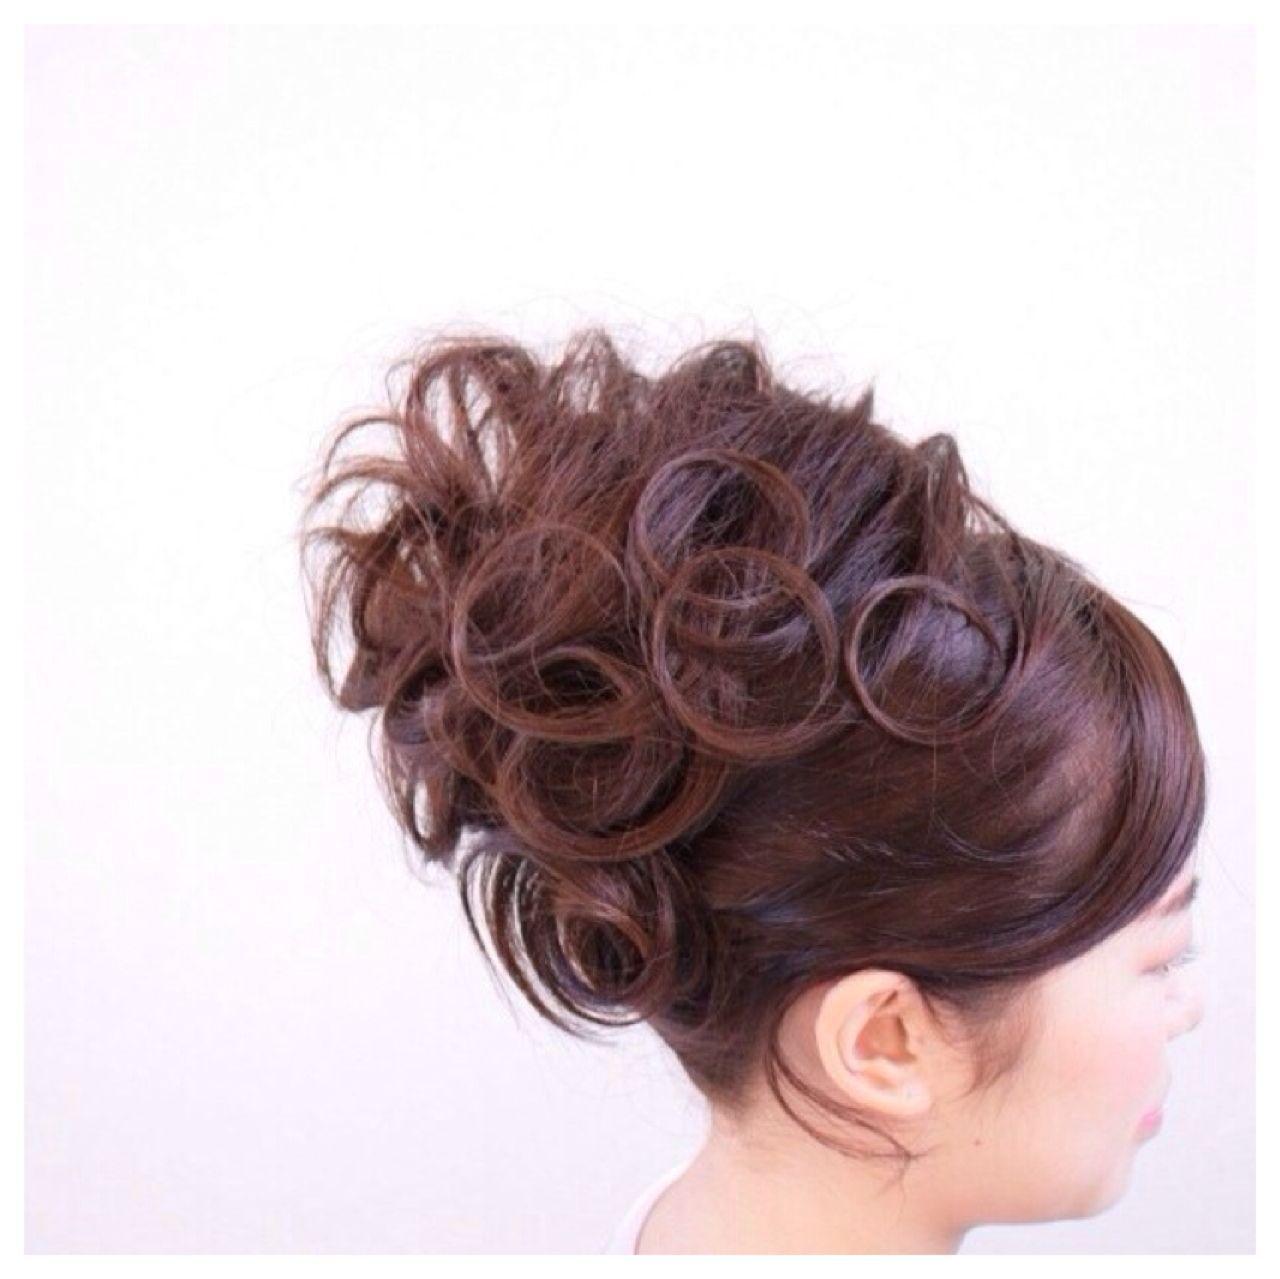 モテ髪 愛され コンサバ セミロングヘアスタイルや髪型の写真・画像